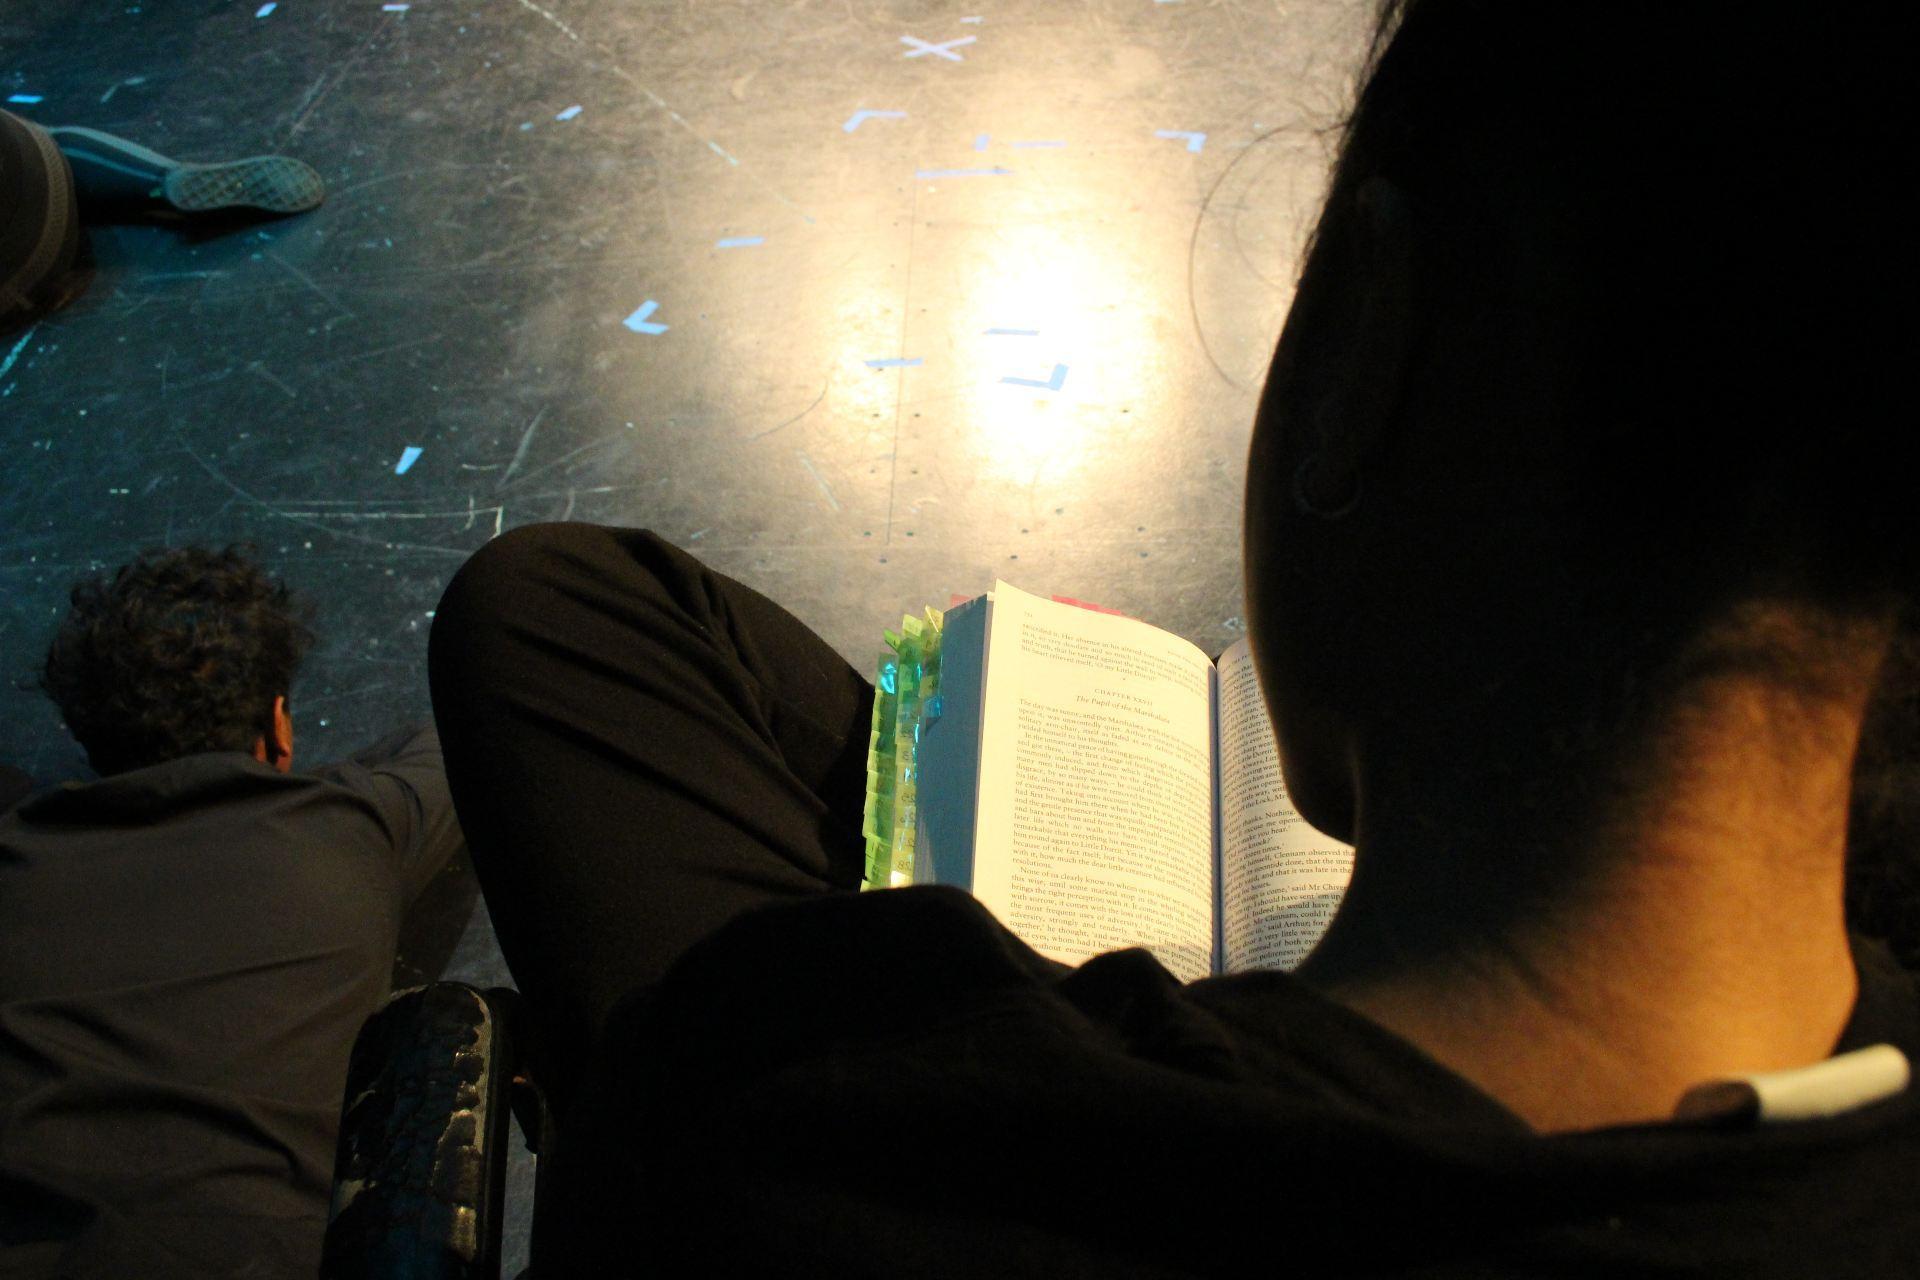 Actor reading Little Dorrit novel